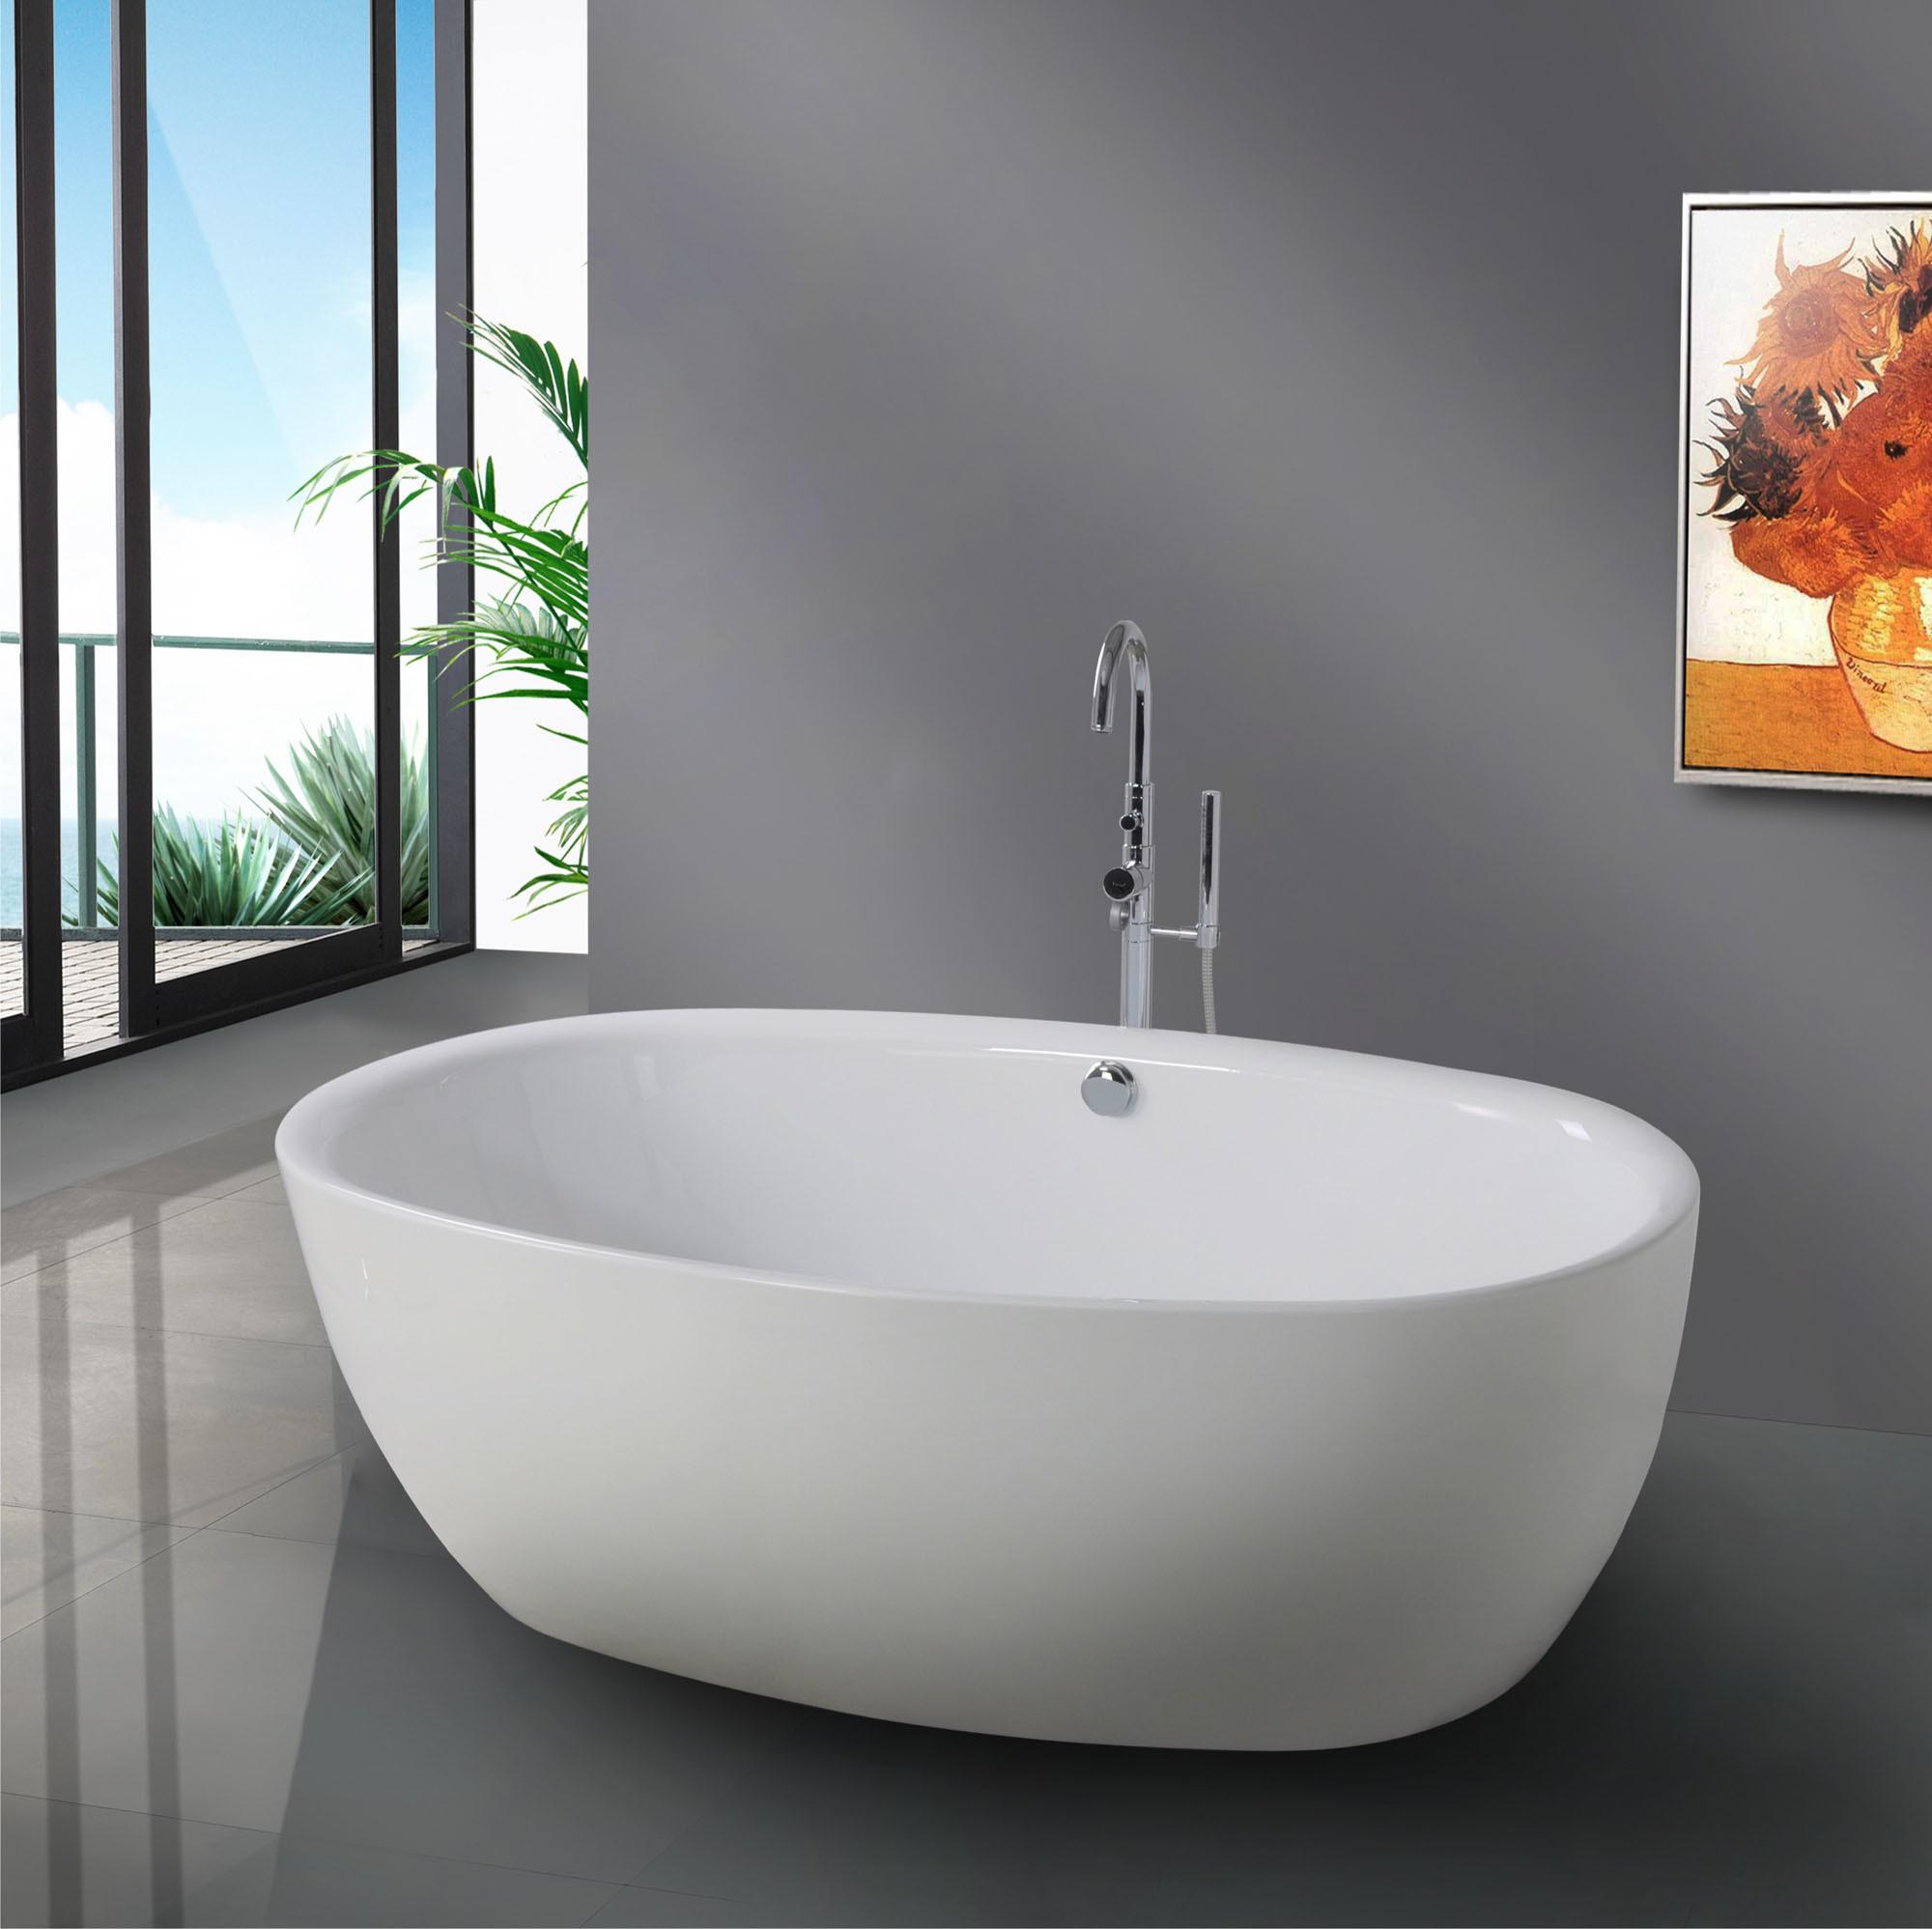 Caldo in 2012 vasca da bagno indipendente moderna bf 6614 - Vasca da bagno profonda ...